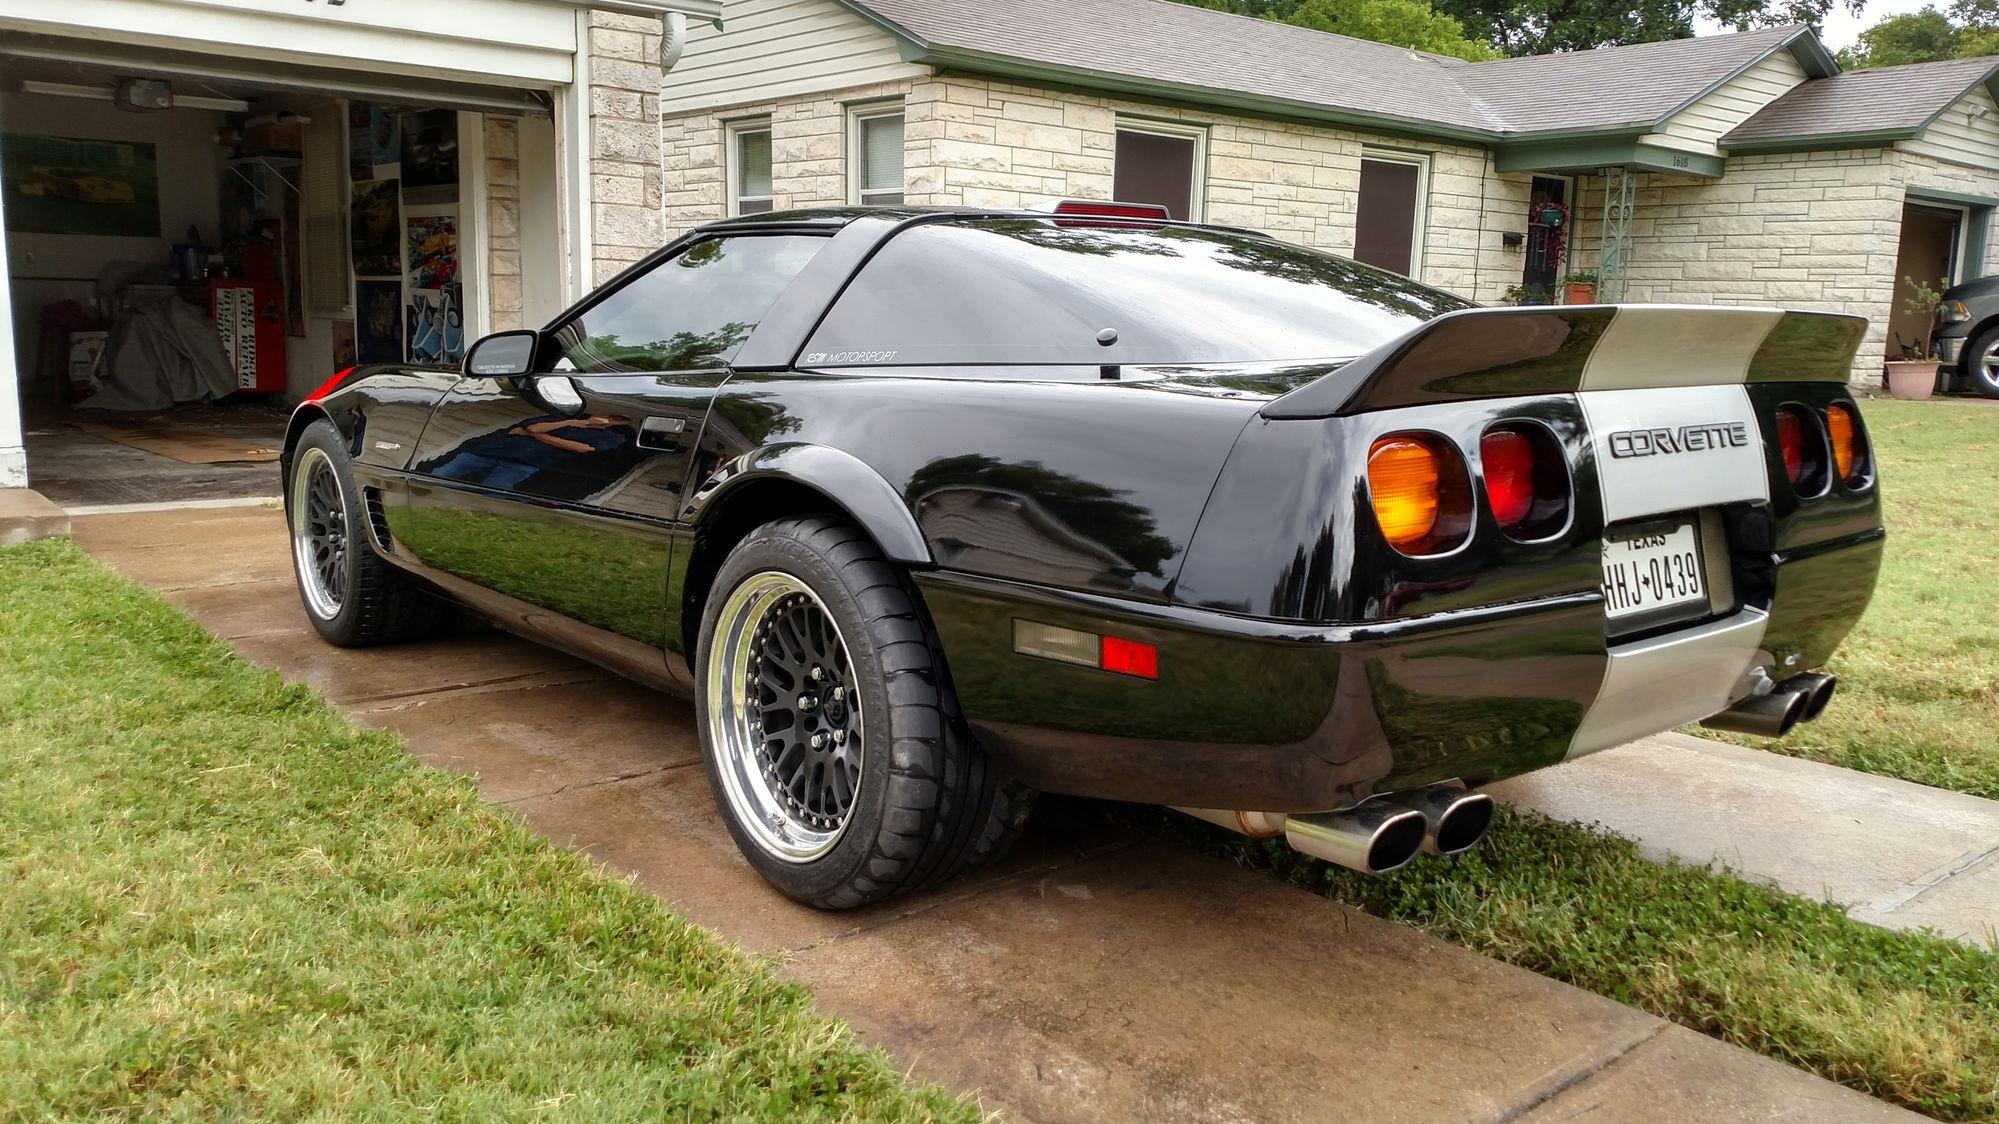 New c4 rear spoiler - CorvetteForum - Chevrolet Corvette ...